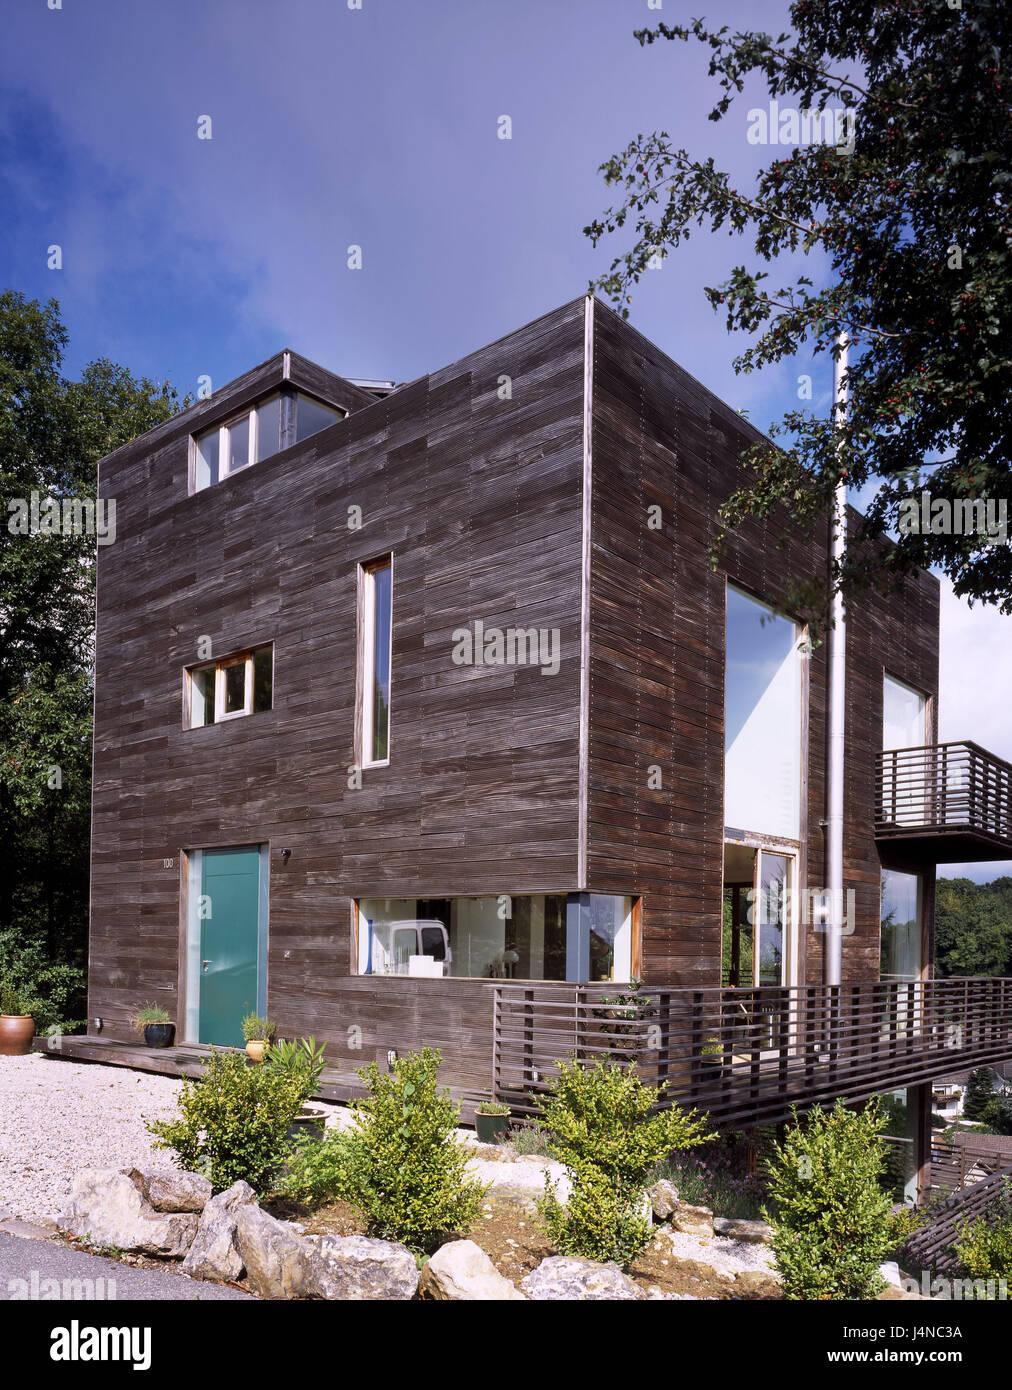 Außergewöhnlich Hausfassade Modern Beste Wahl , Modern, Fassade, Holz, Profilbretter, Hanglage, Gebäude,